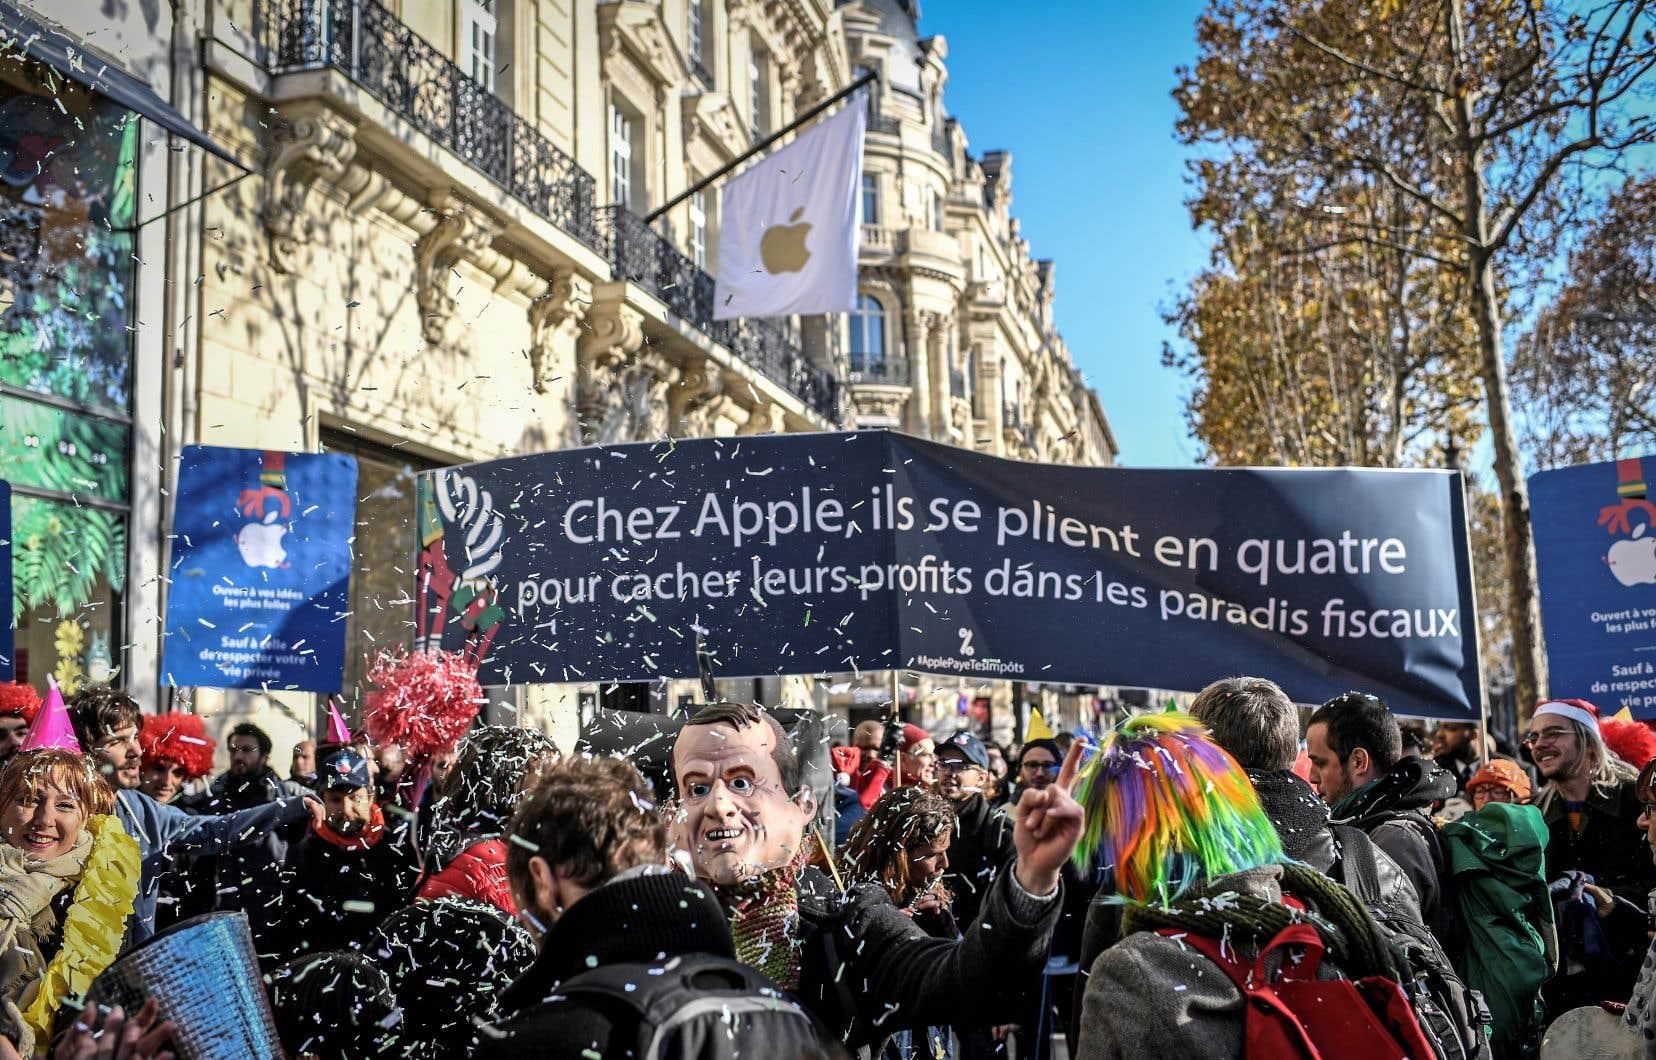 Les ONG Attac et Oxfam ont demandé aux ministres du G7 de «s'engager en faveur d'un système fiscal international plus juste», évitant l'évasion fiscale, ainsi qu'une taxation «plus efficace» des multinationales.